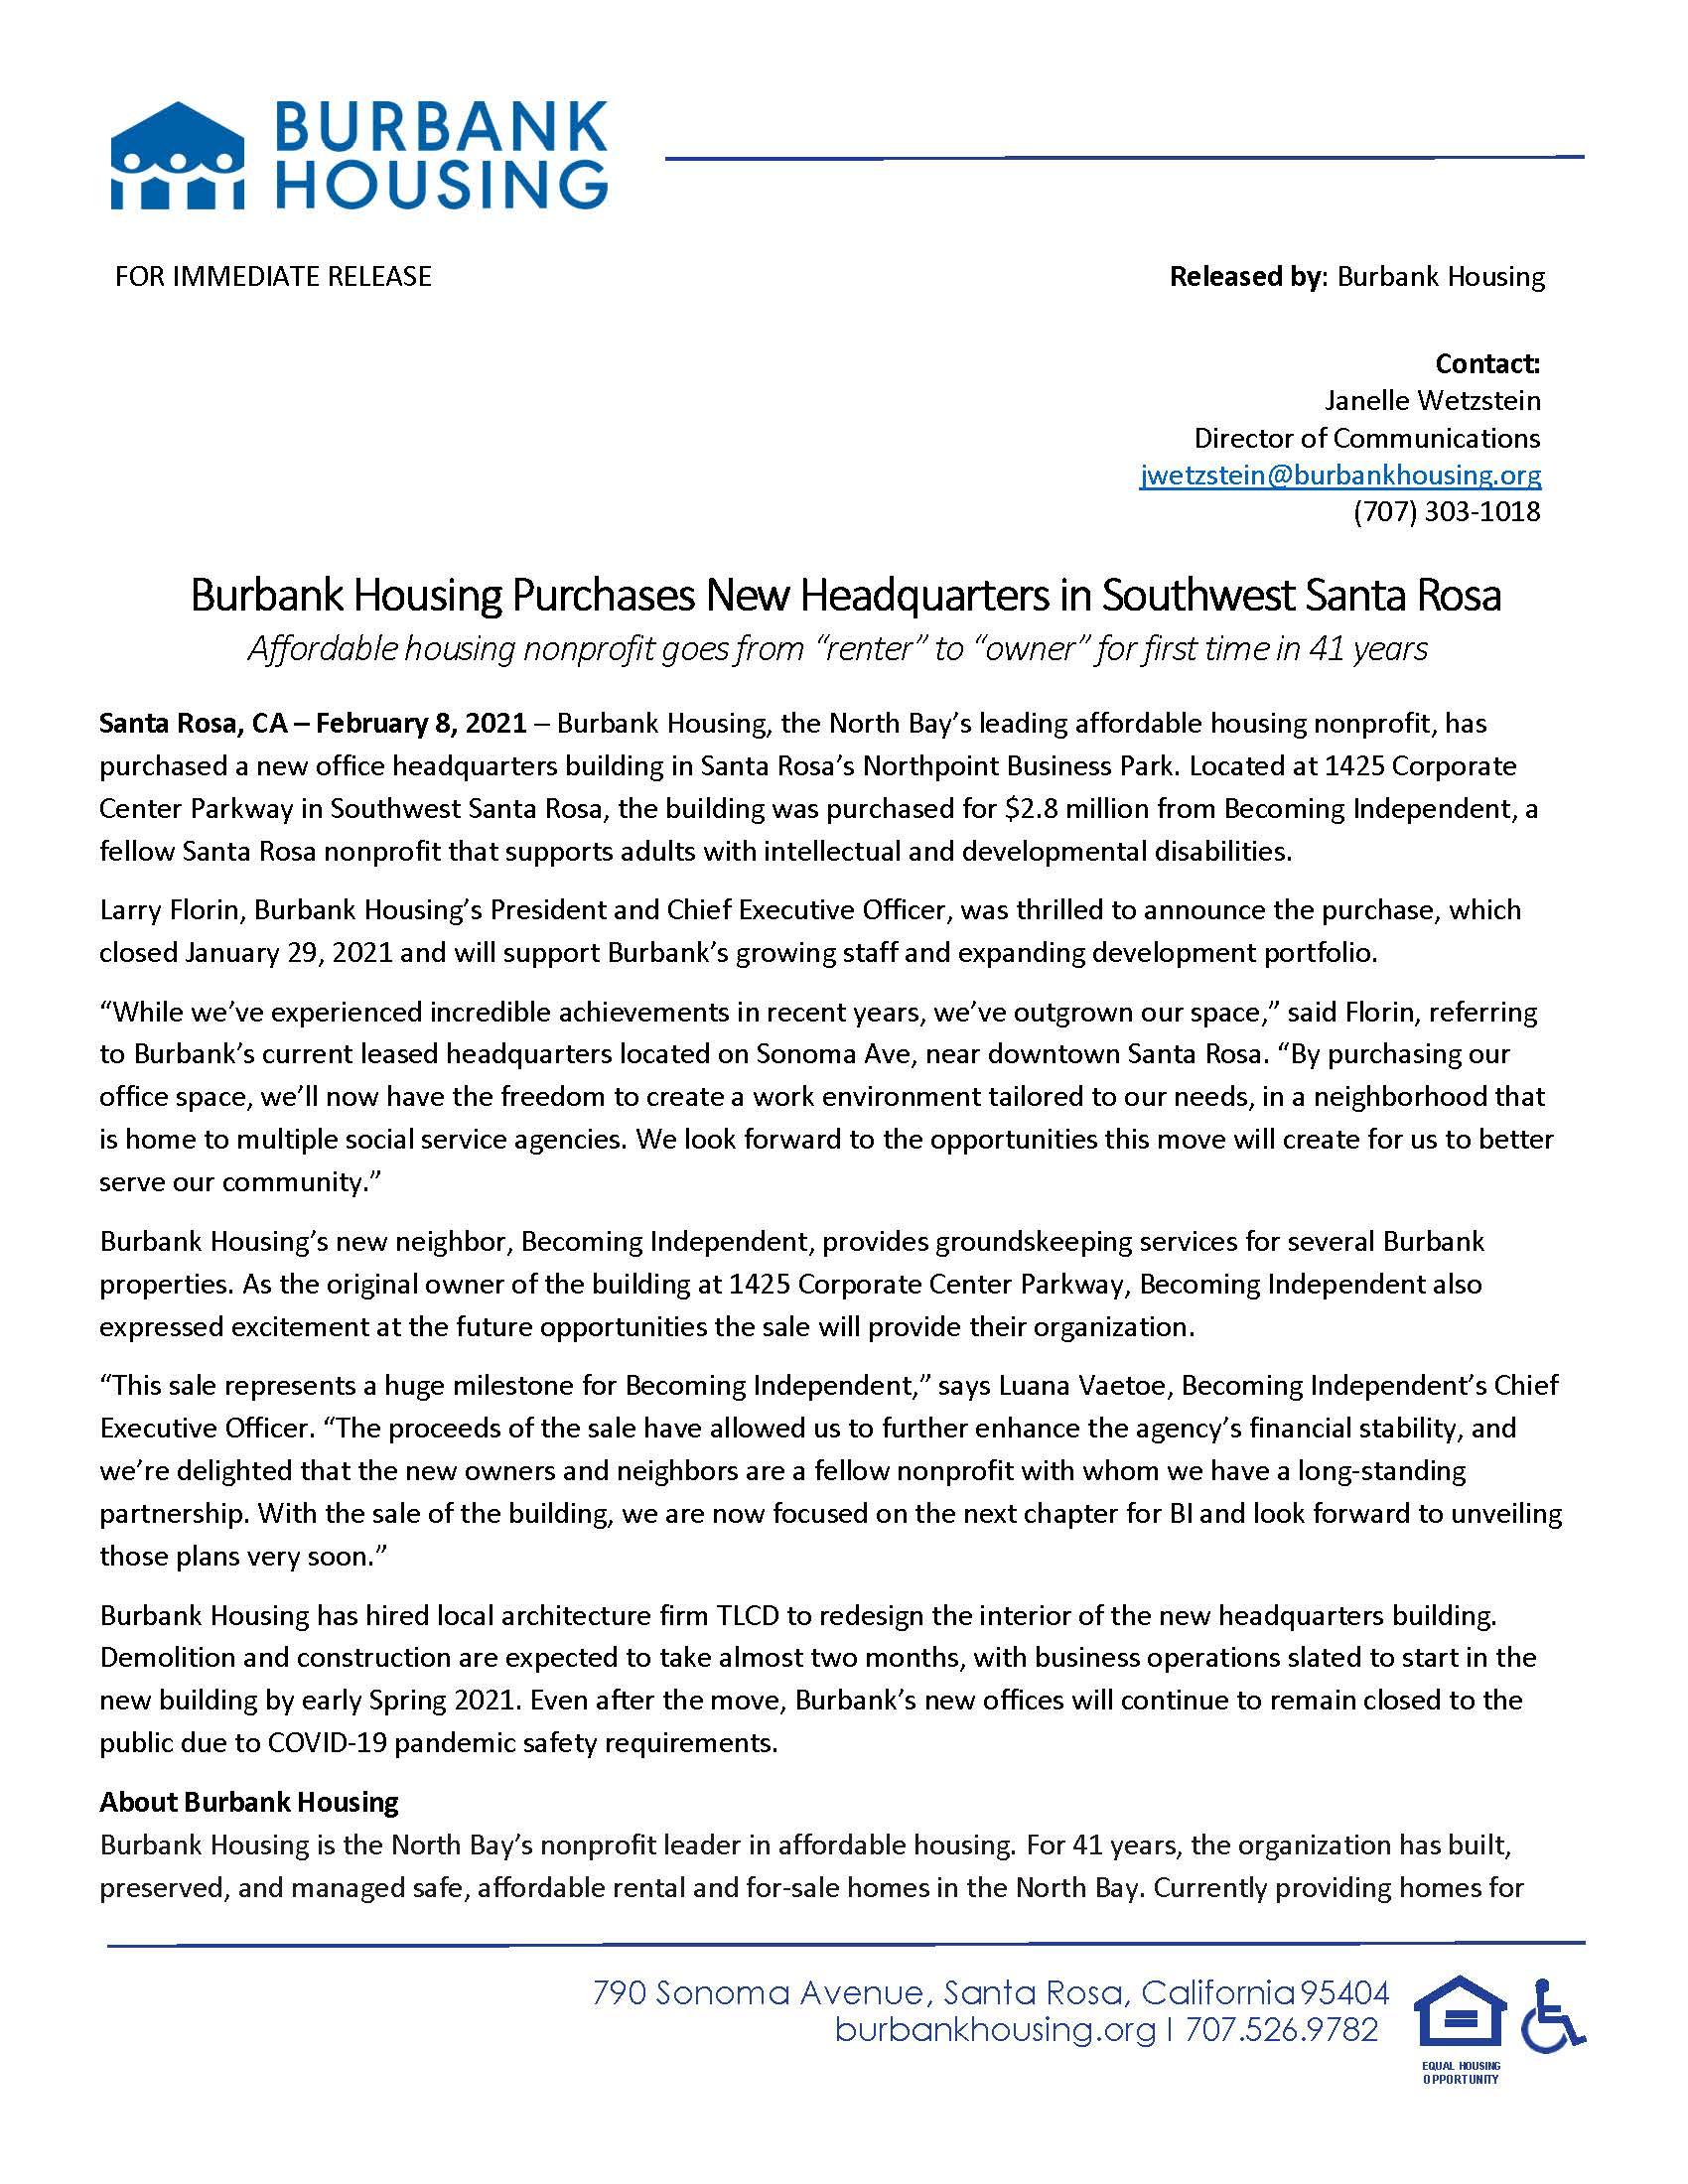 02.08.2021 press release